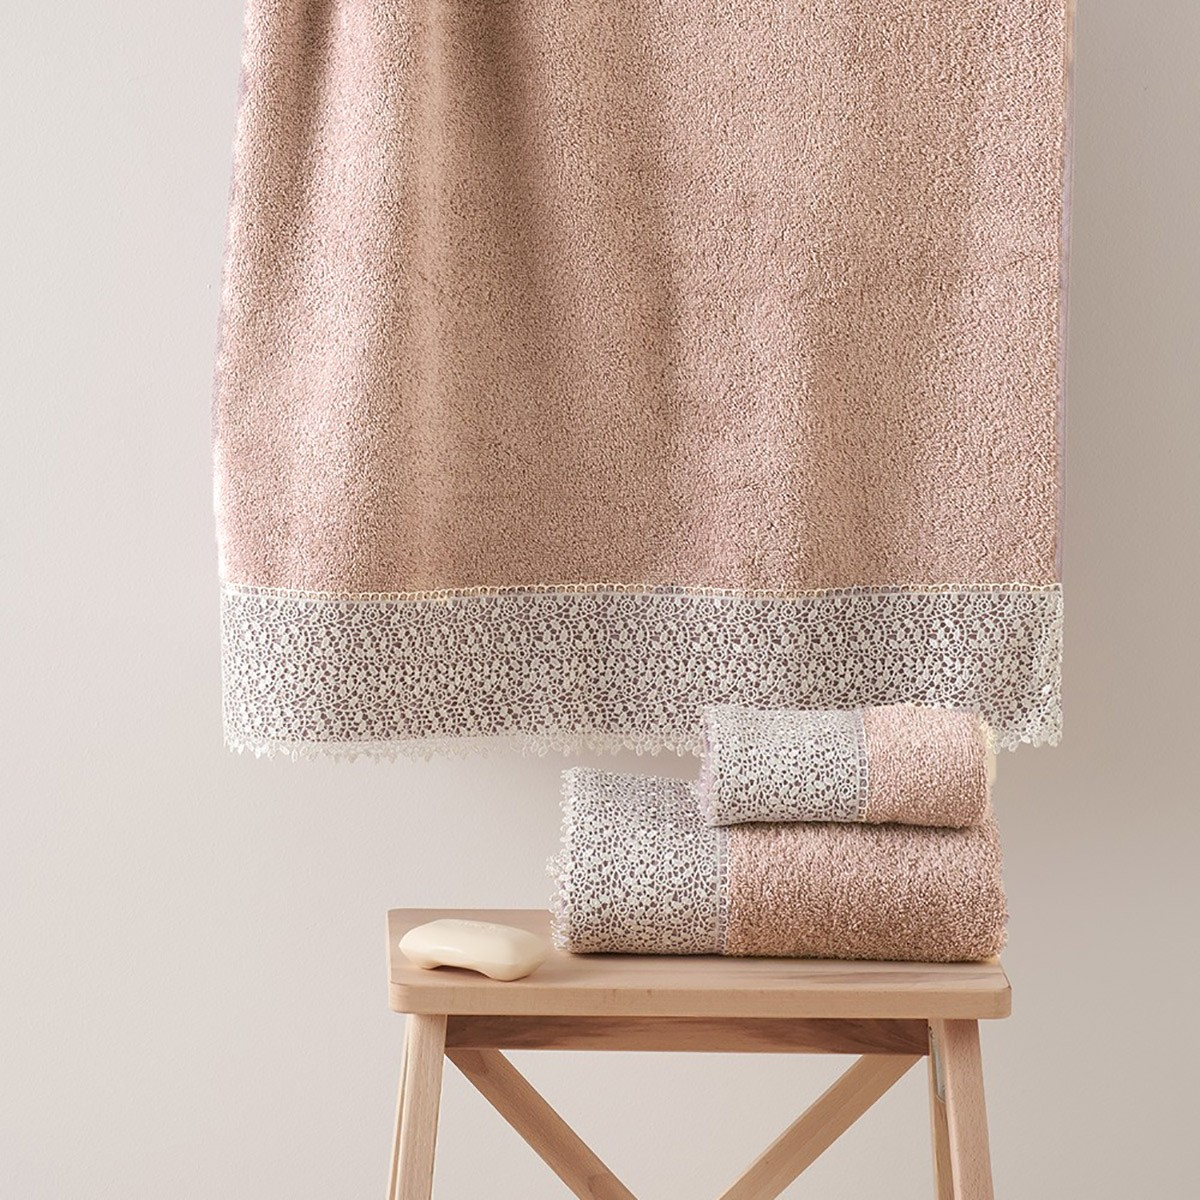 Πετσέτες Μπάνιου (Σετ 3τμχ) Kentia Modena 18